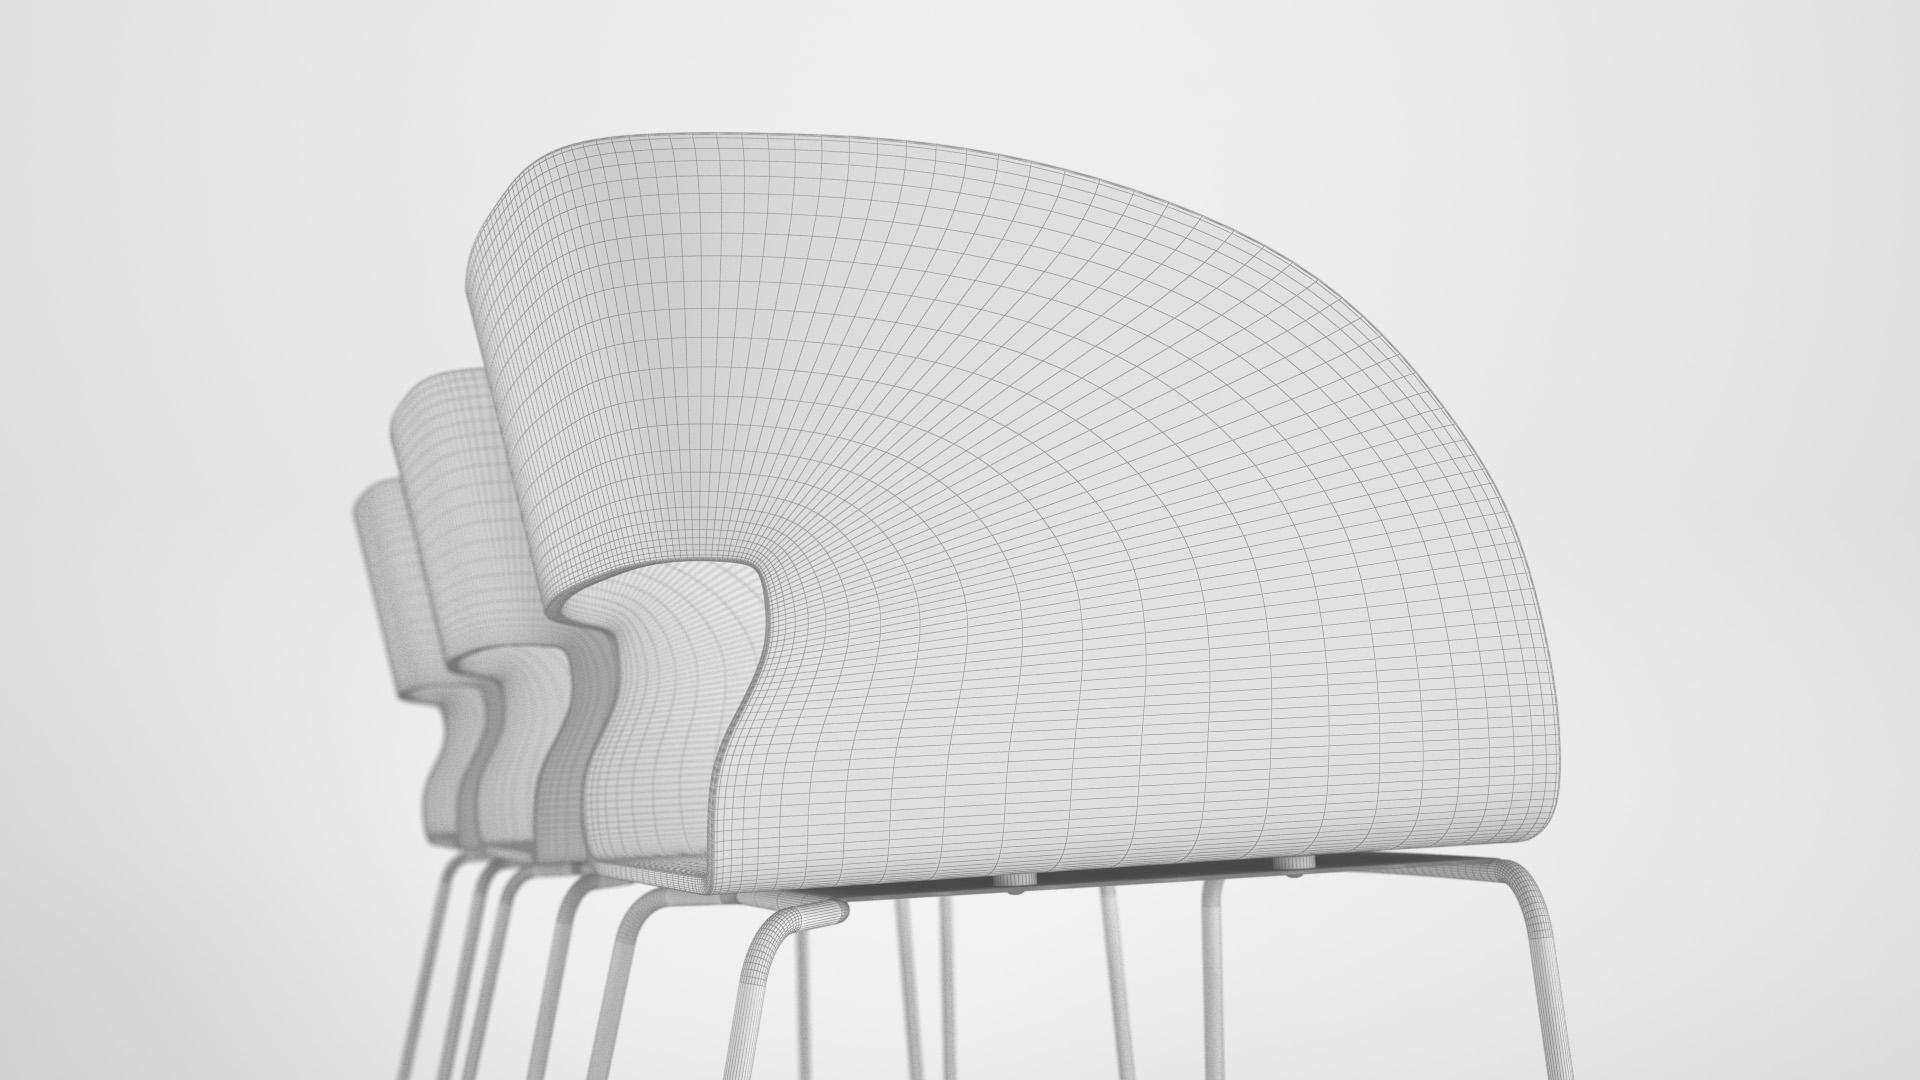 Vintage_Chair_SledLegs_WhiteSet_01_wire_0006